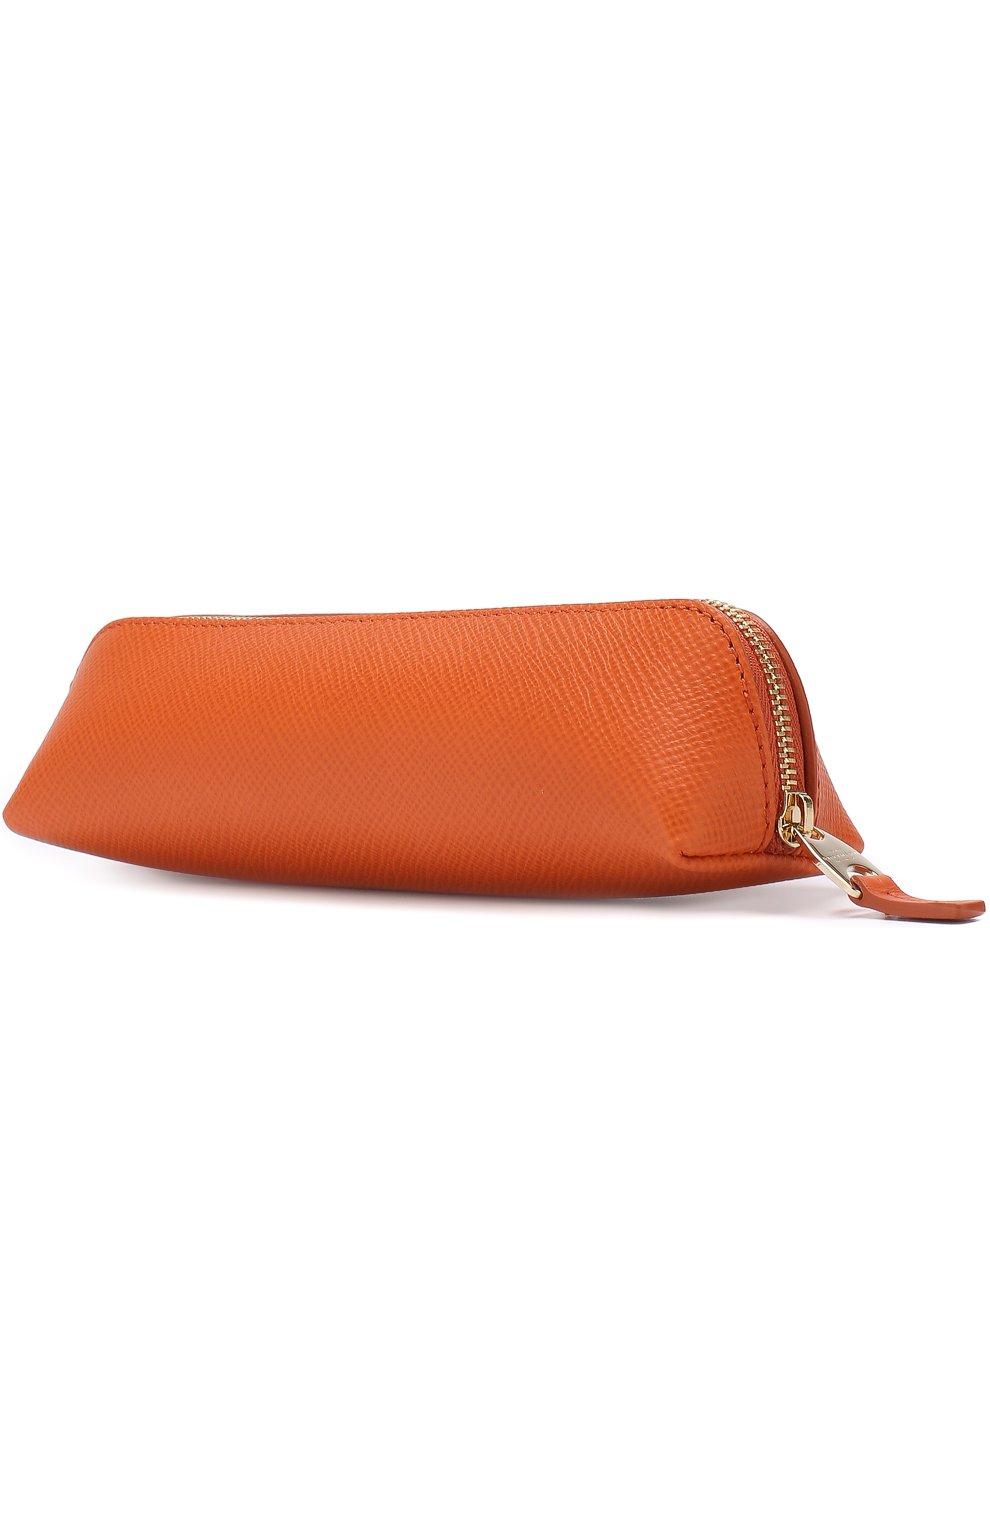 Мужской кожаный футляр для карандашей SMYTHSON оранжевого цвета, арт. 1020599   Фото 2